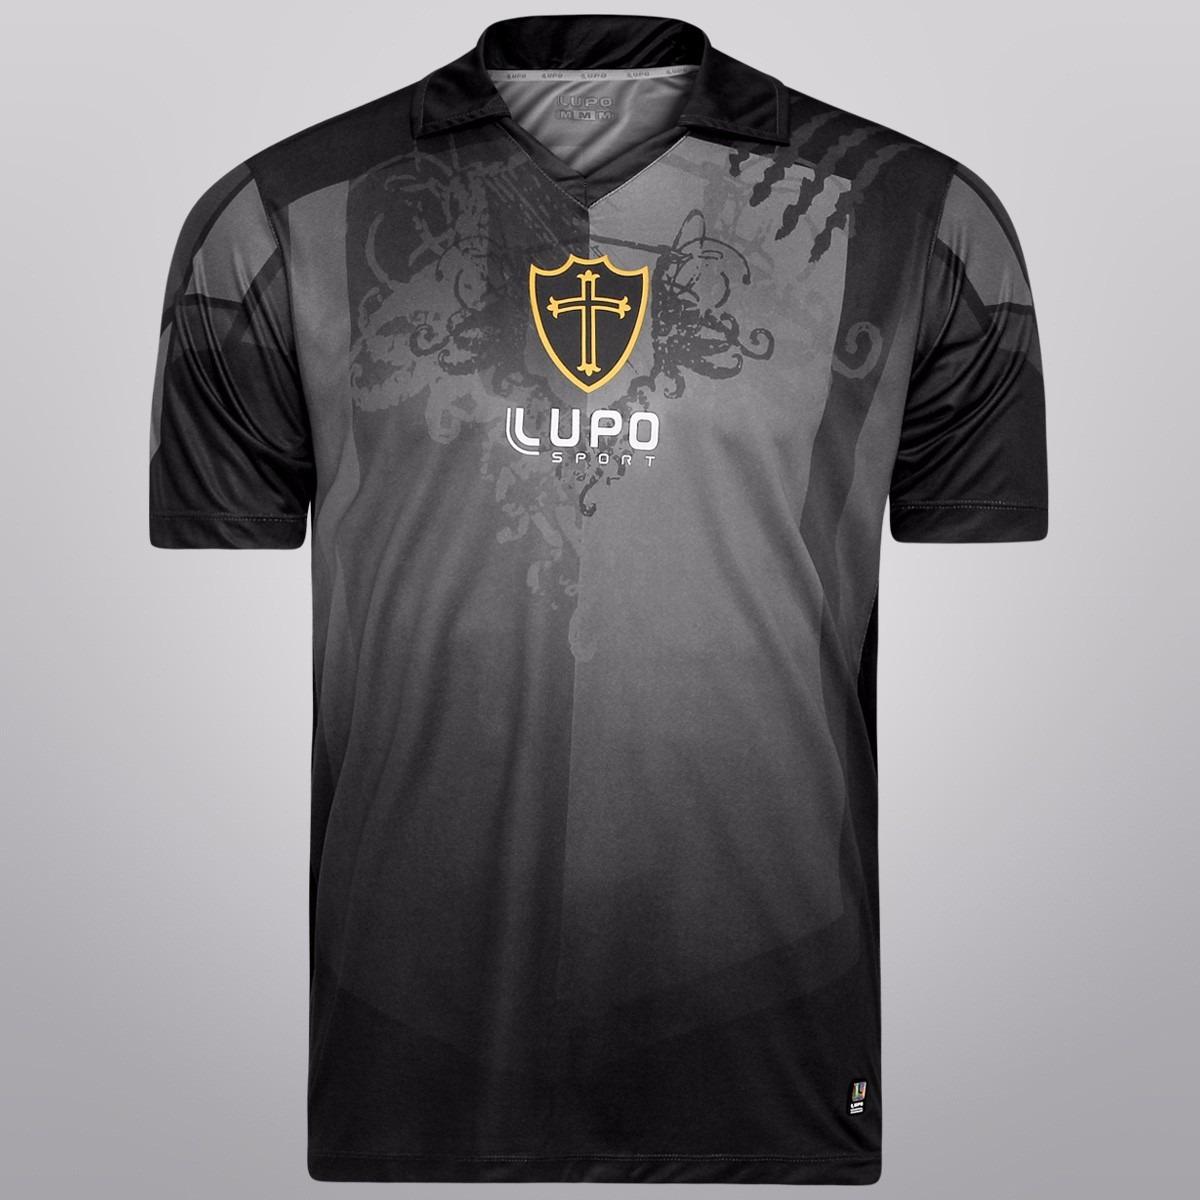 3dd4809ae6 camisa portuguesa lupo oficial 2014 uniforme 3 promoção. Carregando zoom.